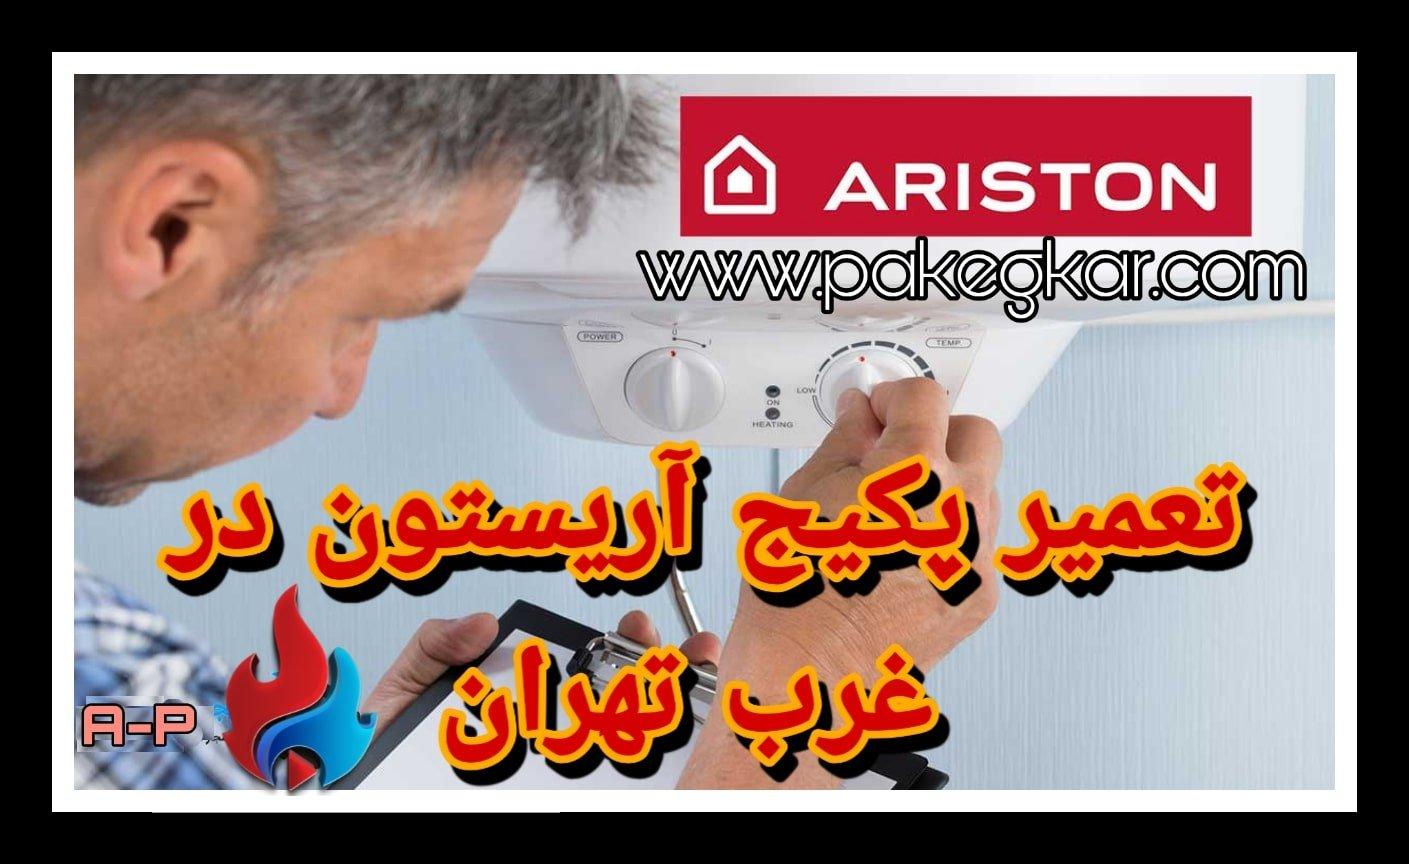 تعمیرات پکیج آریستون در غرب تهران